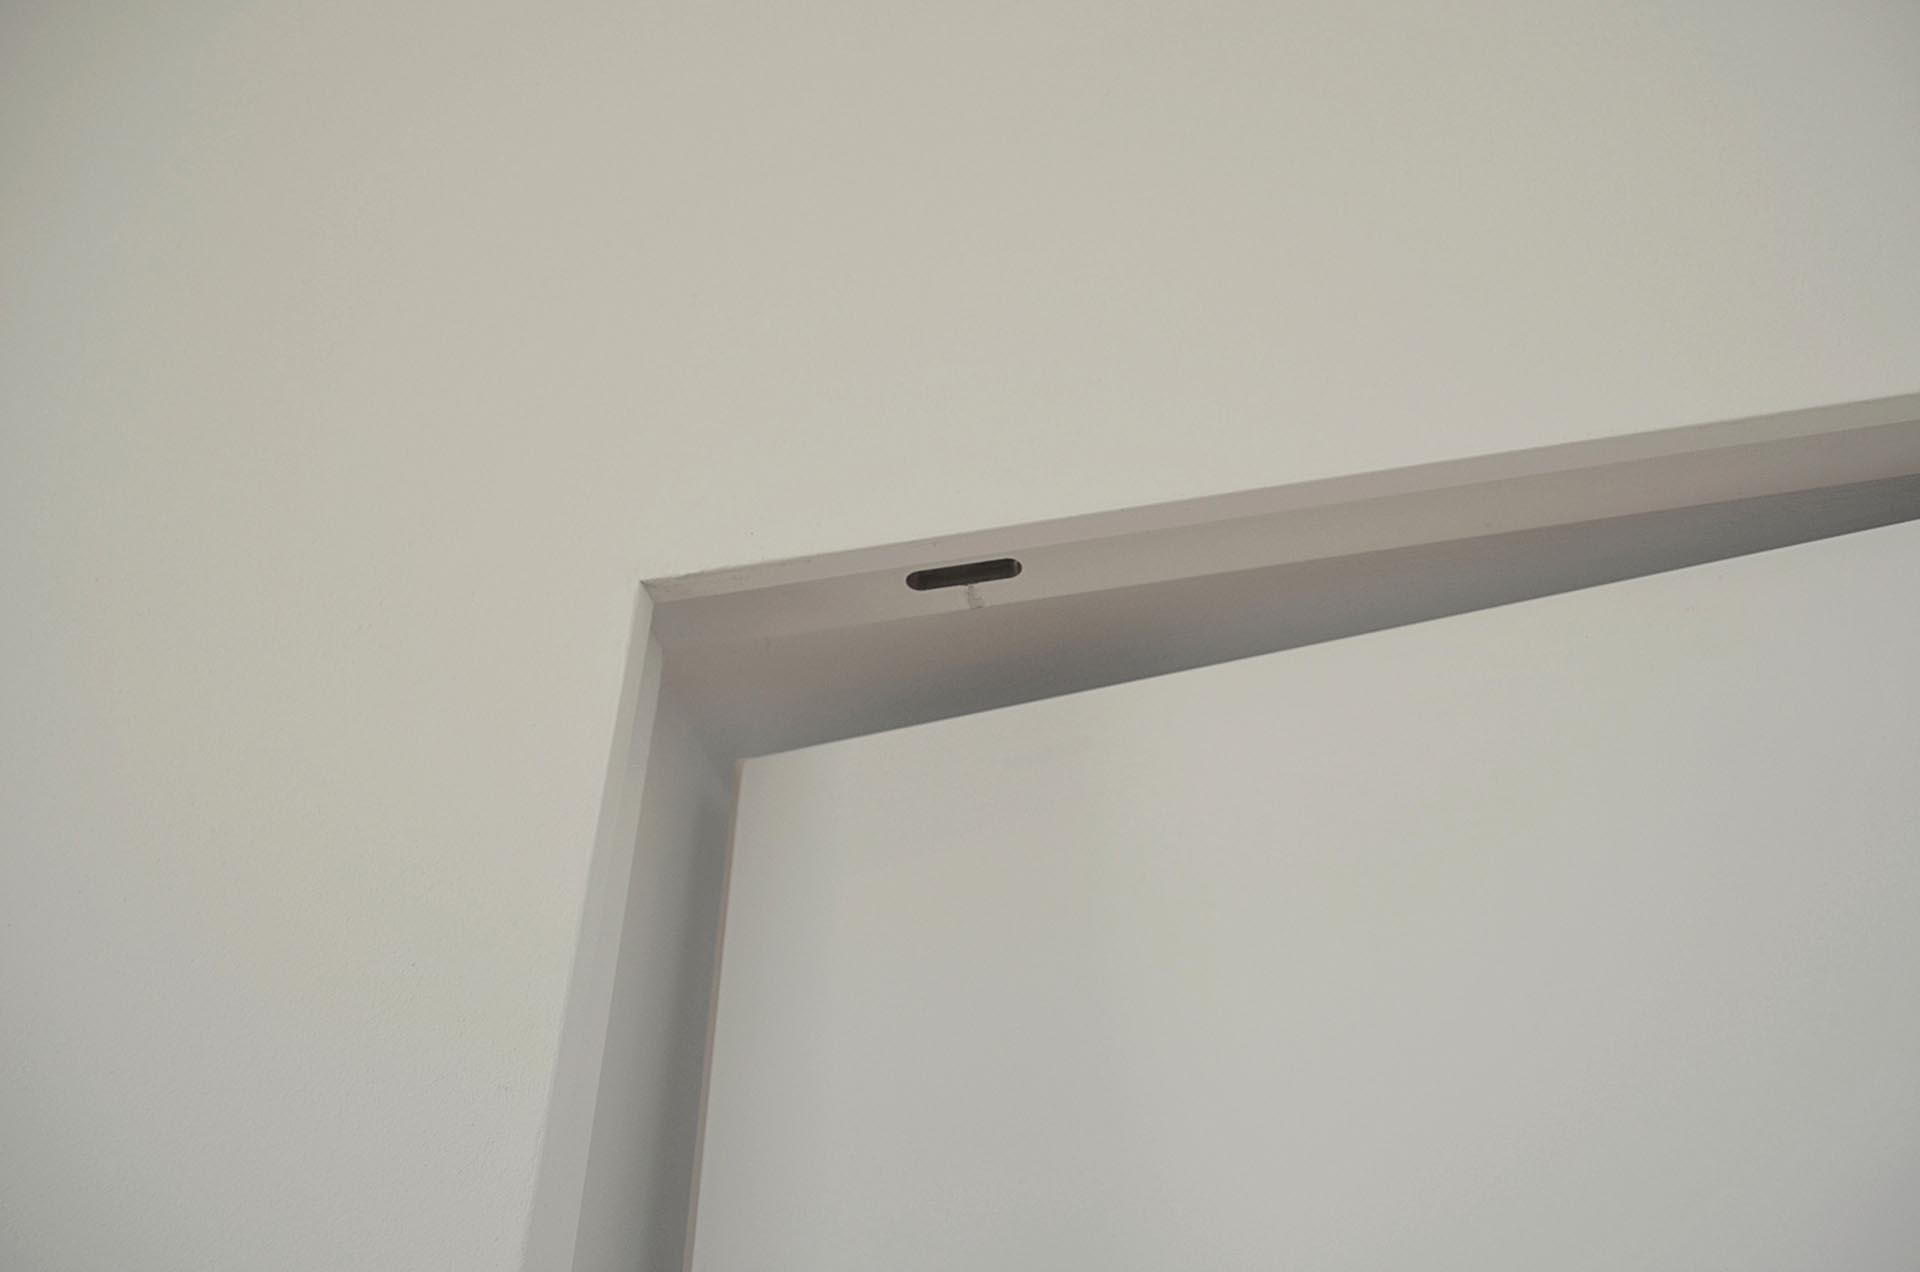 porta-filomuro-rullino-superiore-telaio - Evoline3